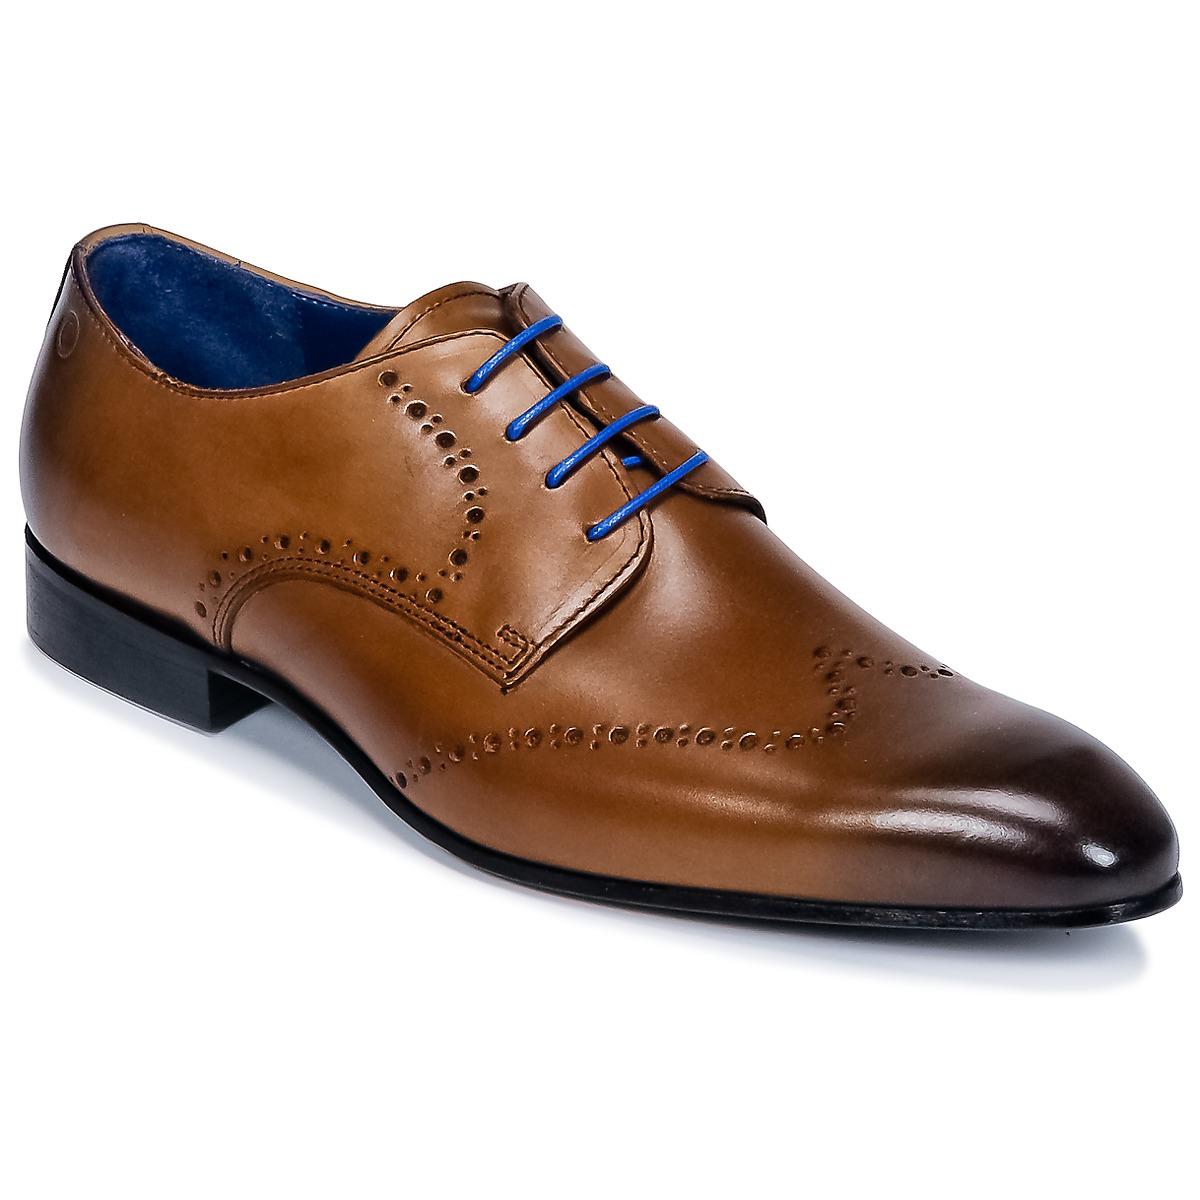 Carlington FRUTO Braun - Kostenloser - Versand bei Spartoode ! - Kostenloser Schuhe Derby-Schuhe Herren 76,30 € 29f371